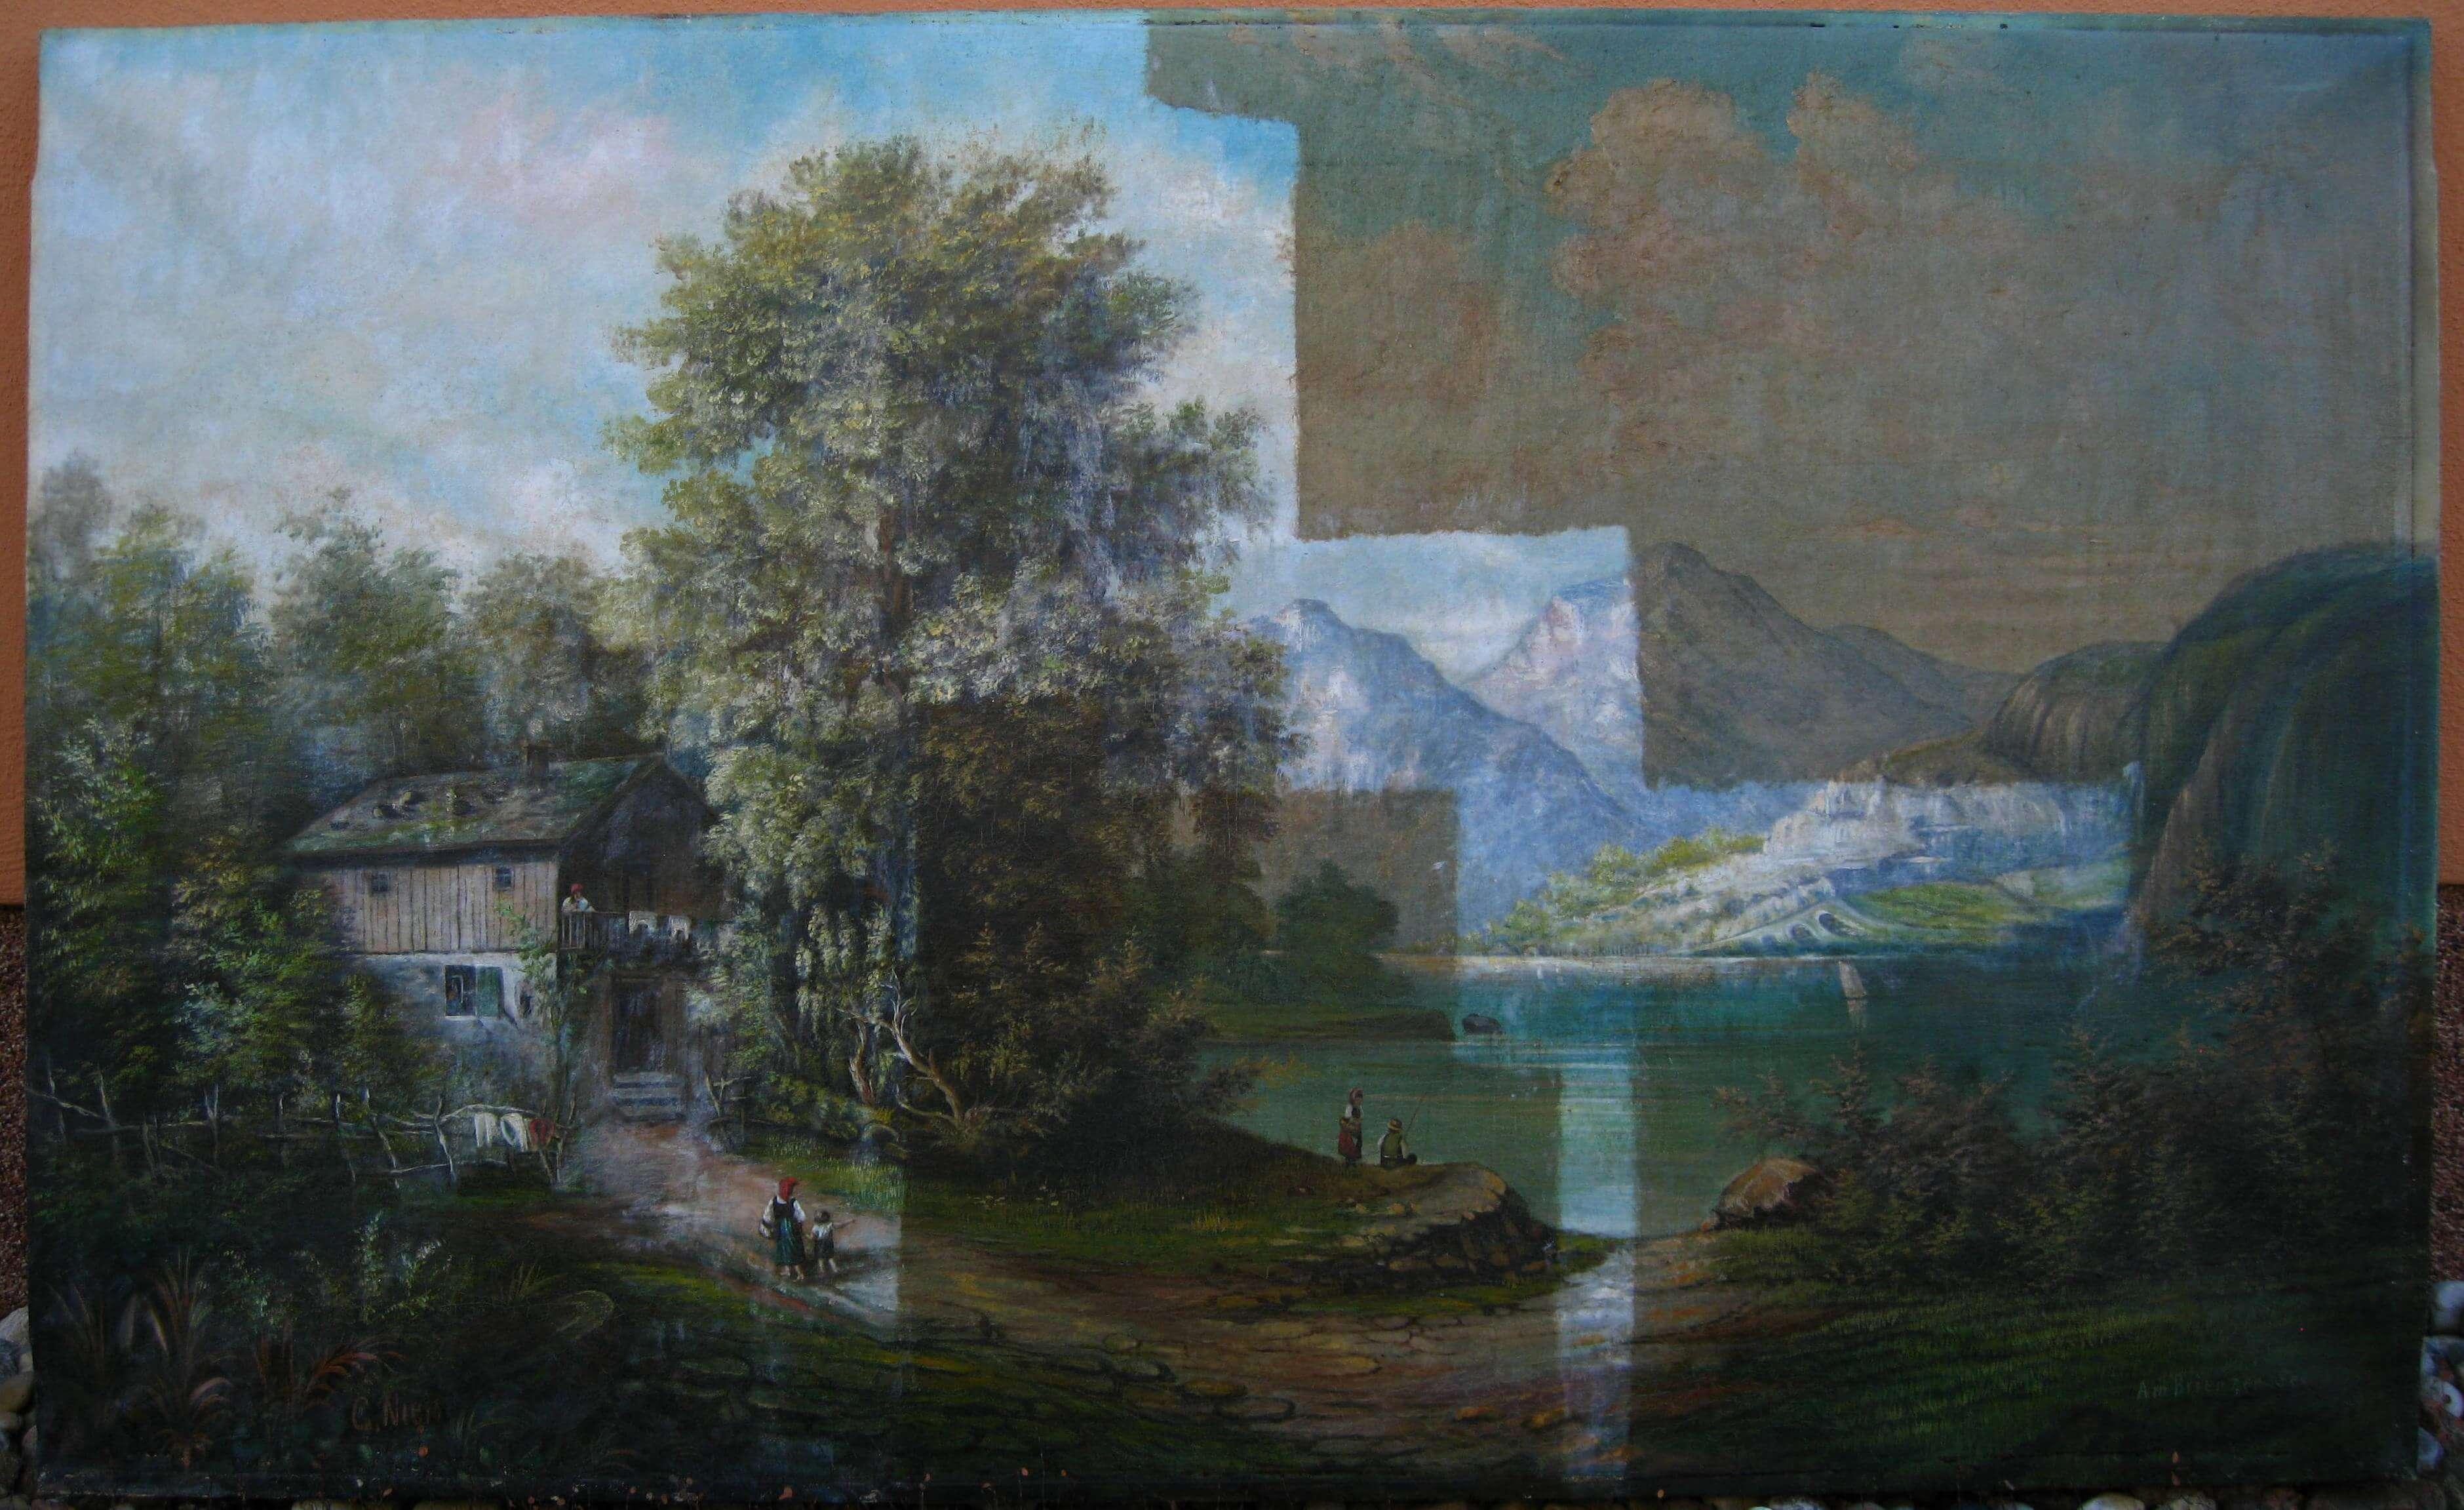 Turbo Gemäldereinigung | Gemäldereinigung in Berlin IV75